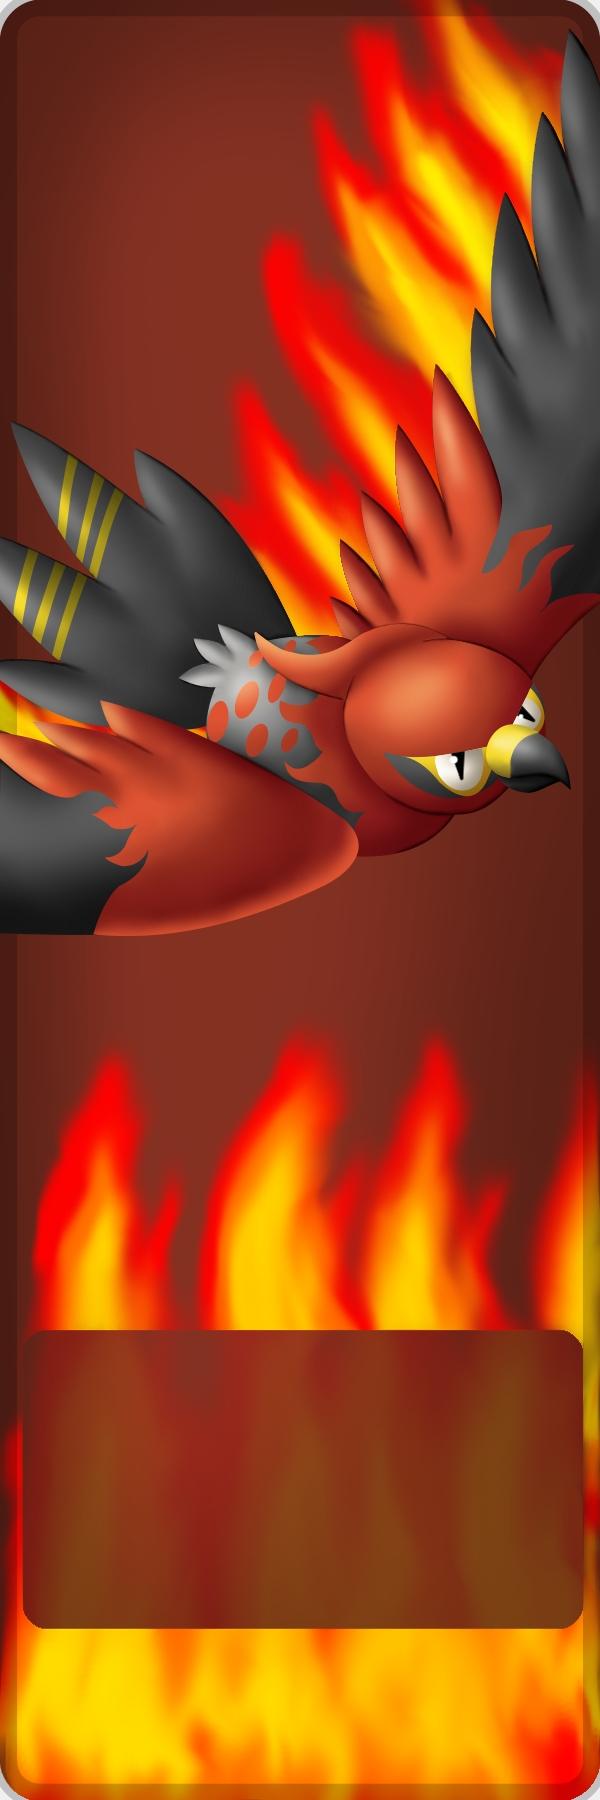 Pokémon-Zeichnung: Fiaro in Flammen